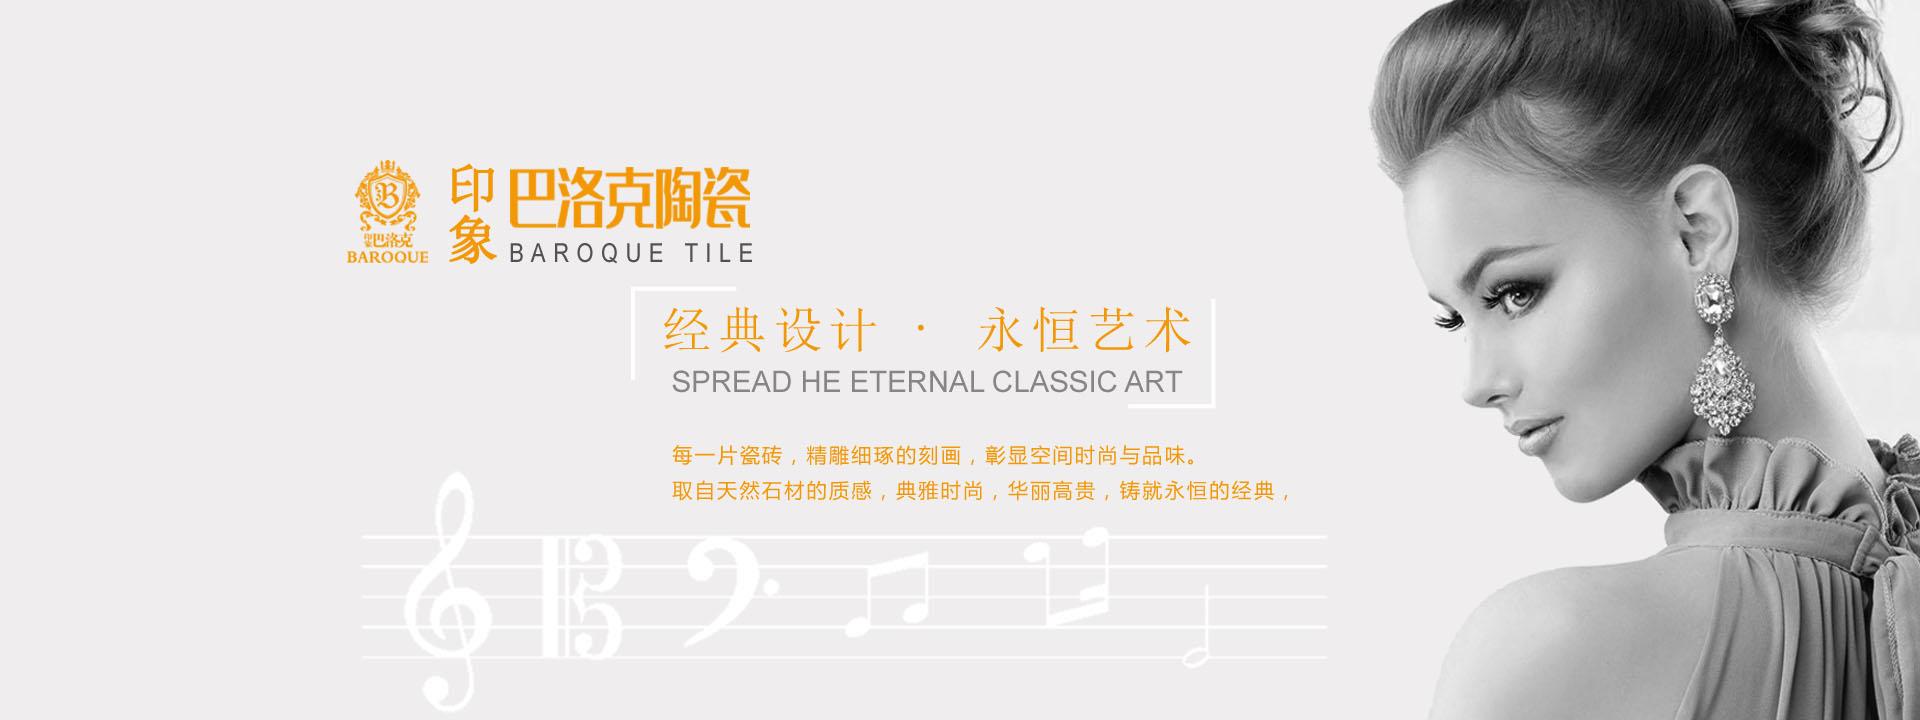 印象巴洛克陶瓷官网-广东通体大理石瓷砖十大创新品牌-官网首页